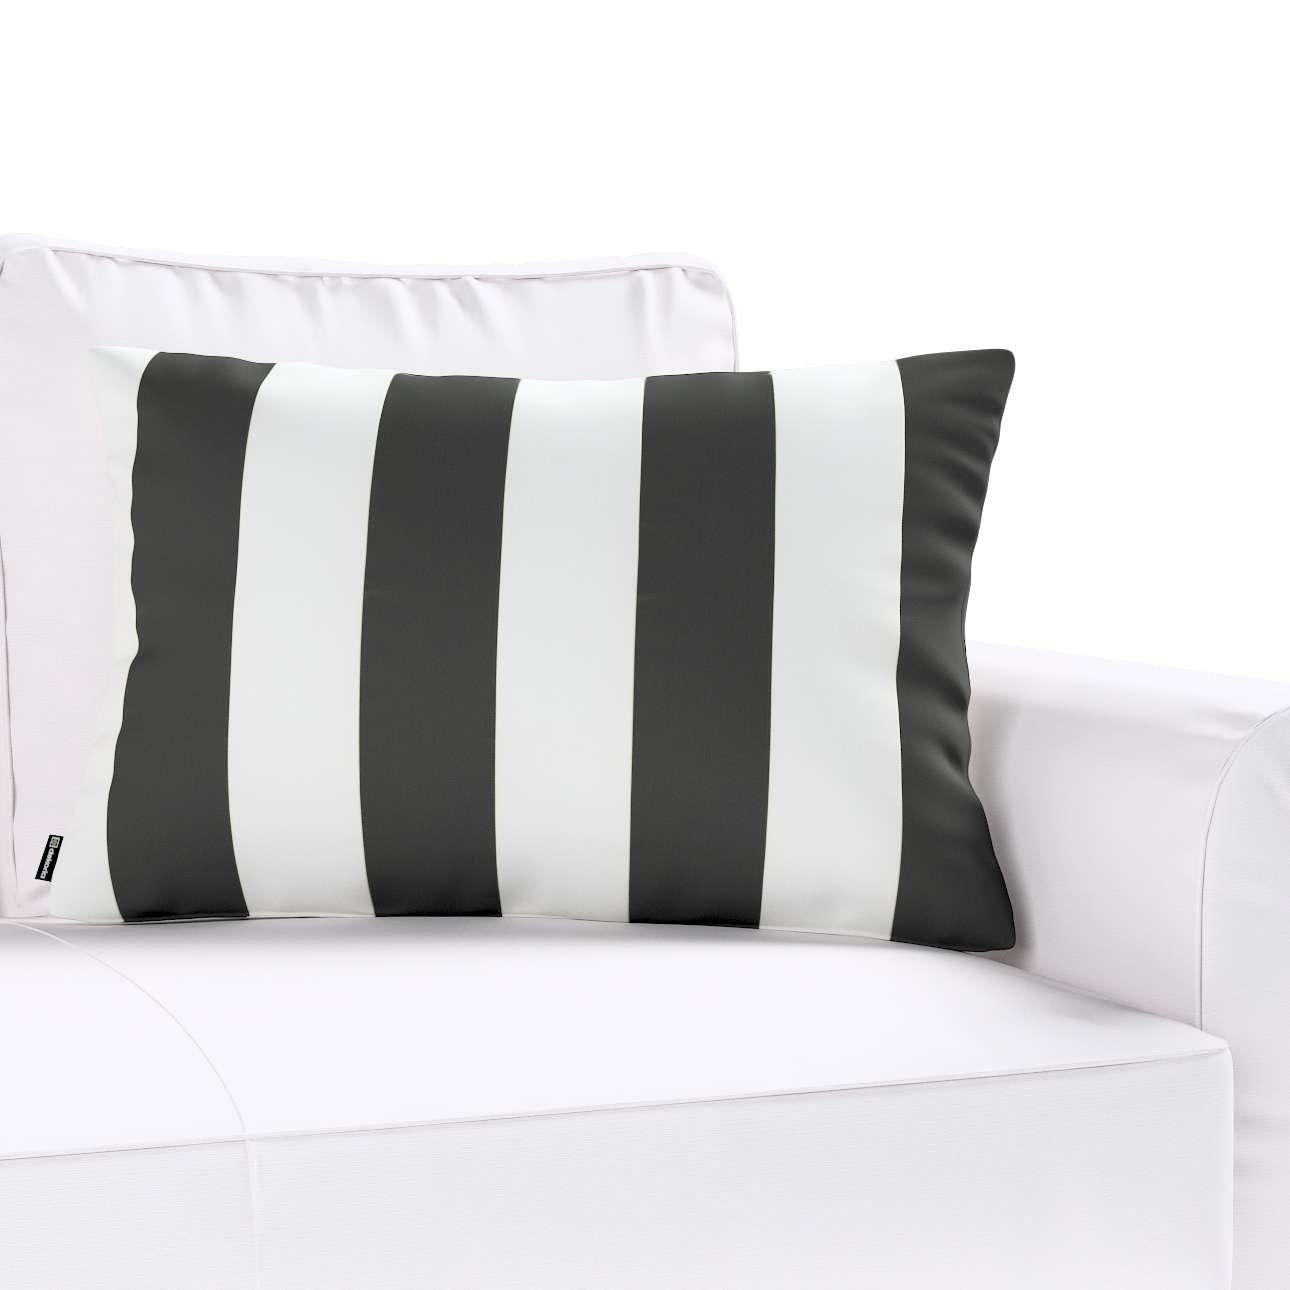 Poszewka Kinga na poduszkę prostokątną 60 x 40 cm w kolekcji Comics, tkanina: 137-53